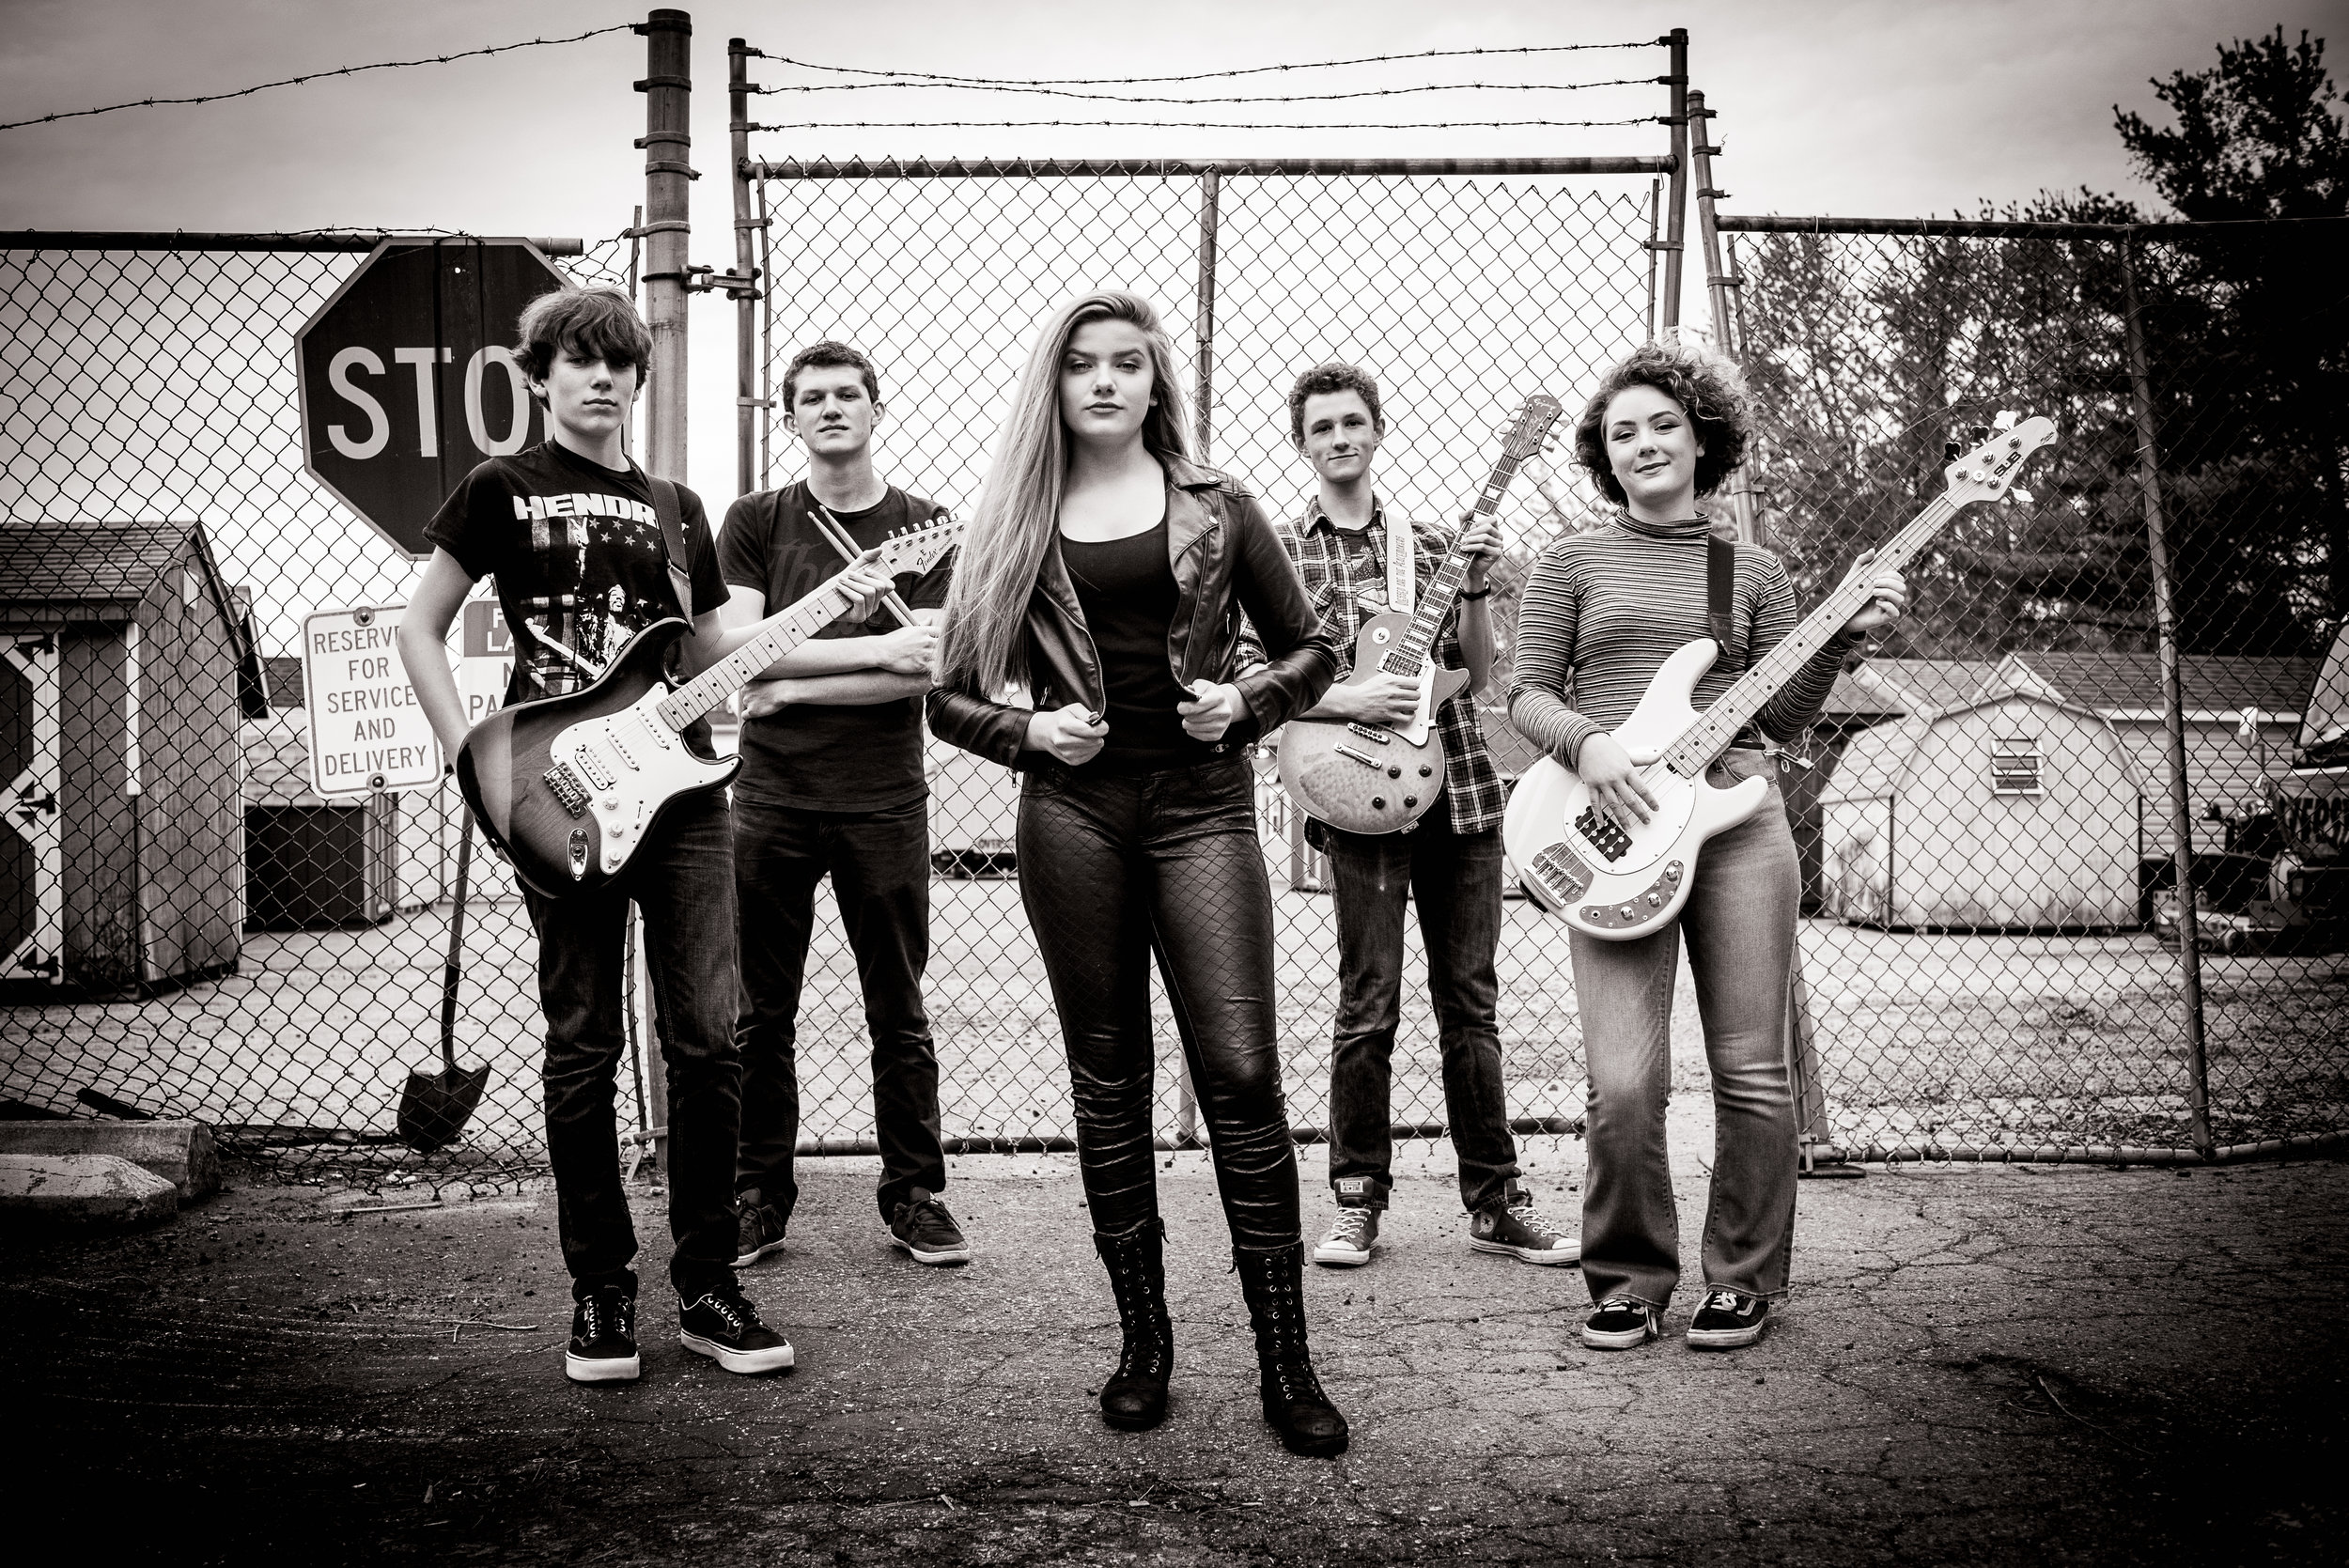 Left to Right: Hayden, Owen, Julia, Dylan, Zoe